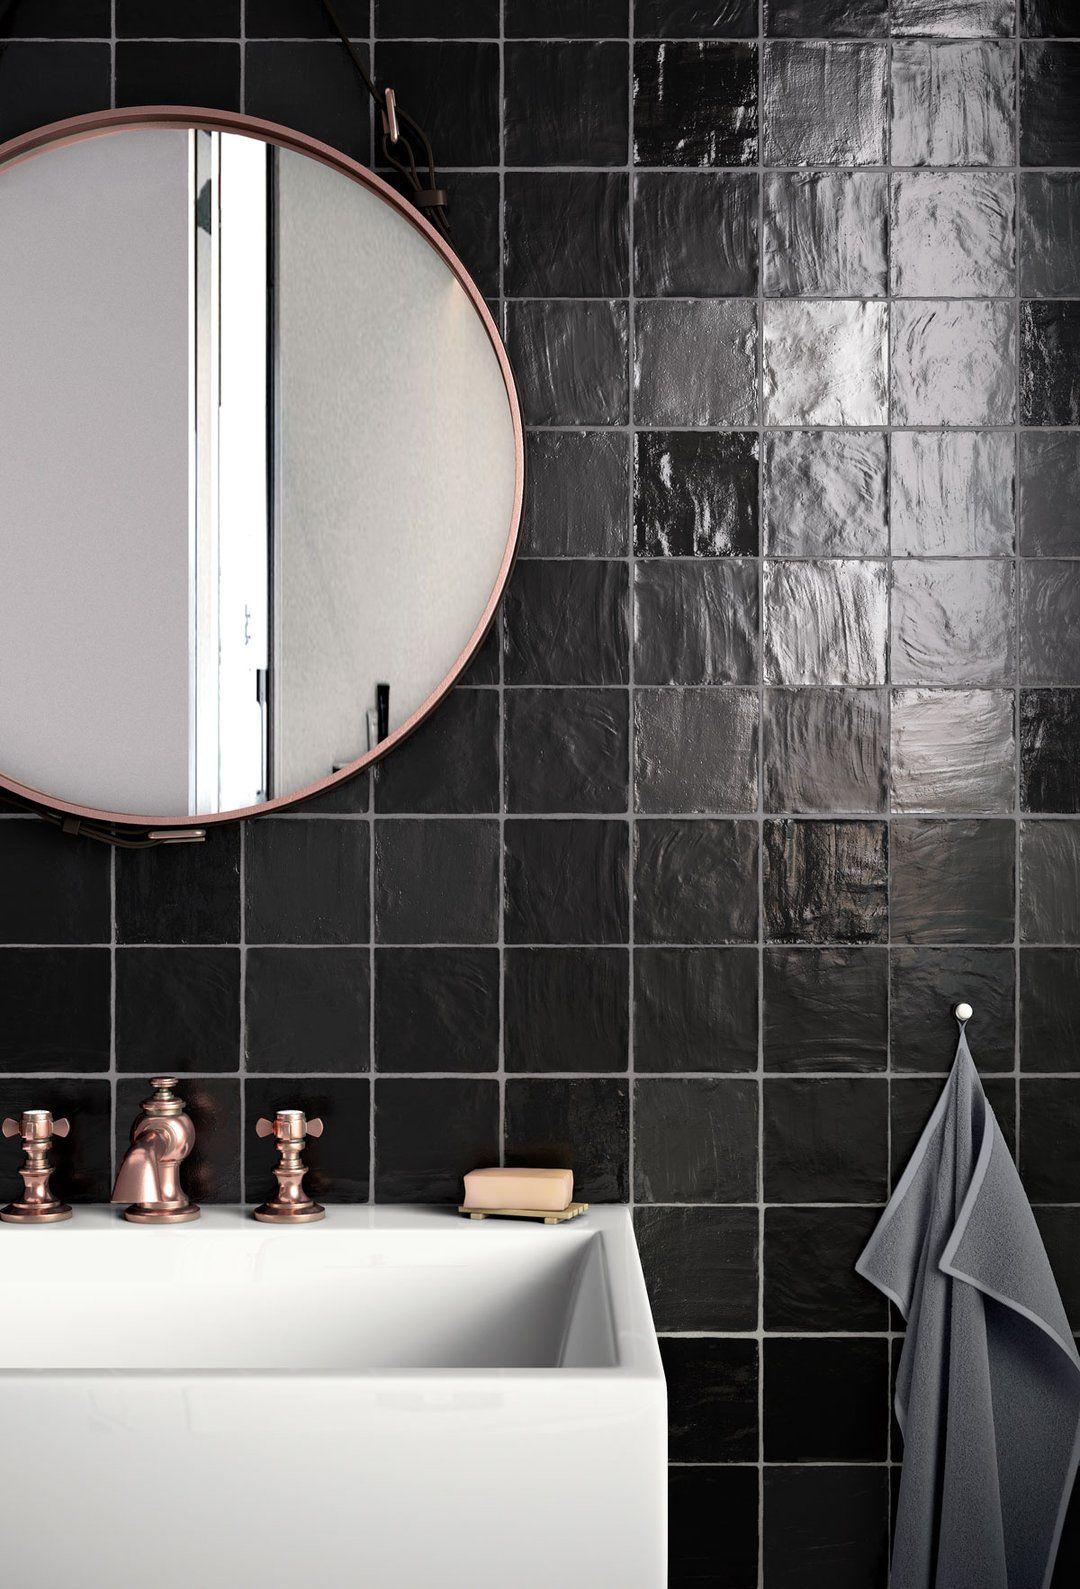 mallorca black ceramic tile 4x4 in 2021